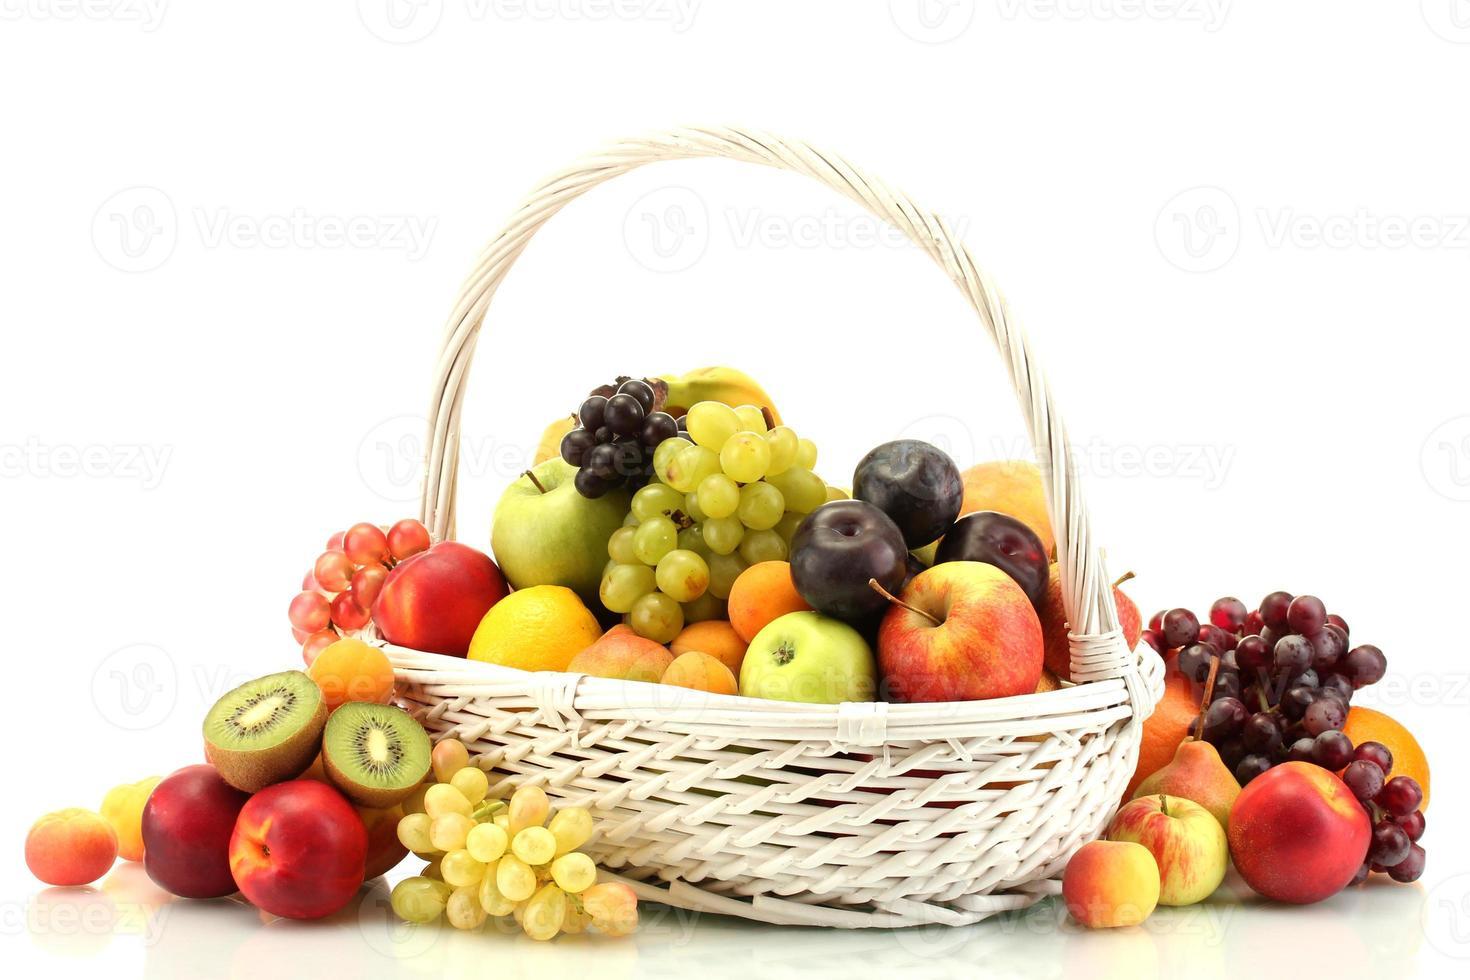 Sortiment von exotischen Früchten im Korb lokalisiert auf Weiß foto